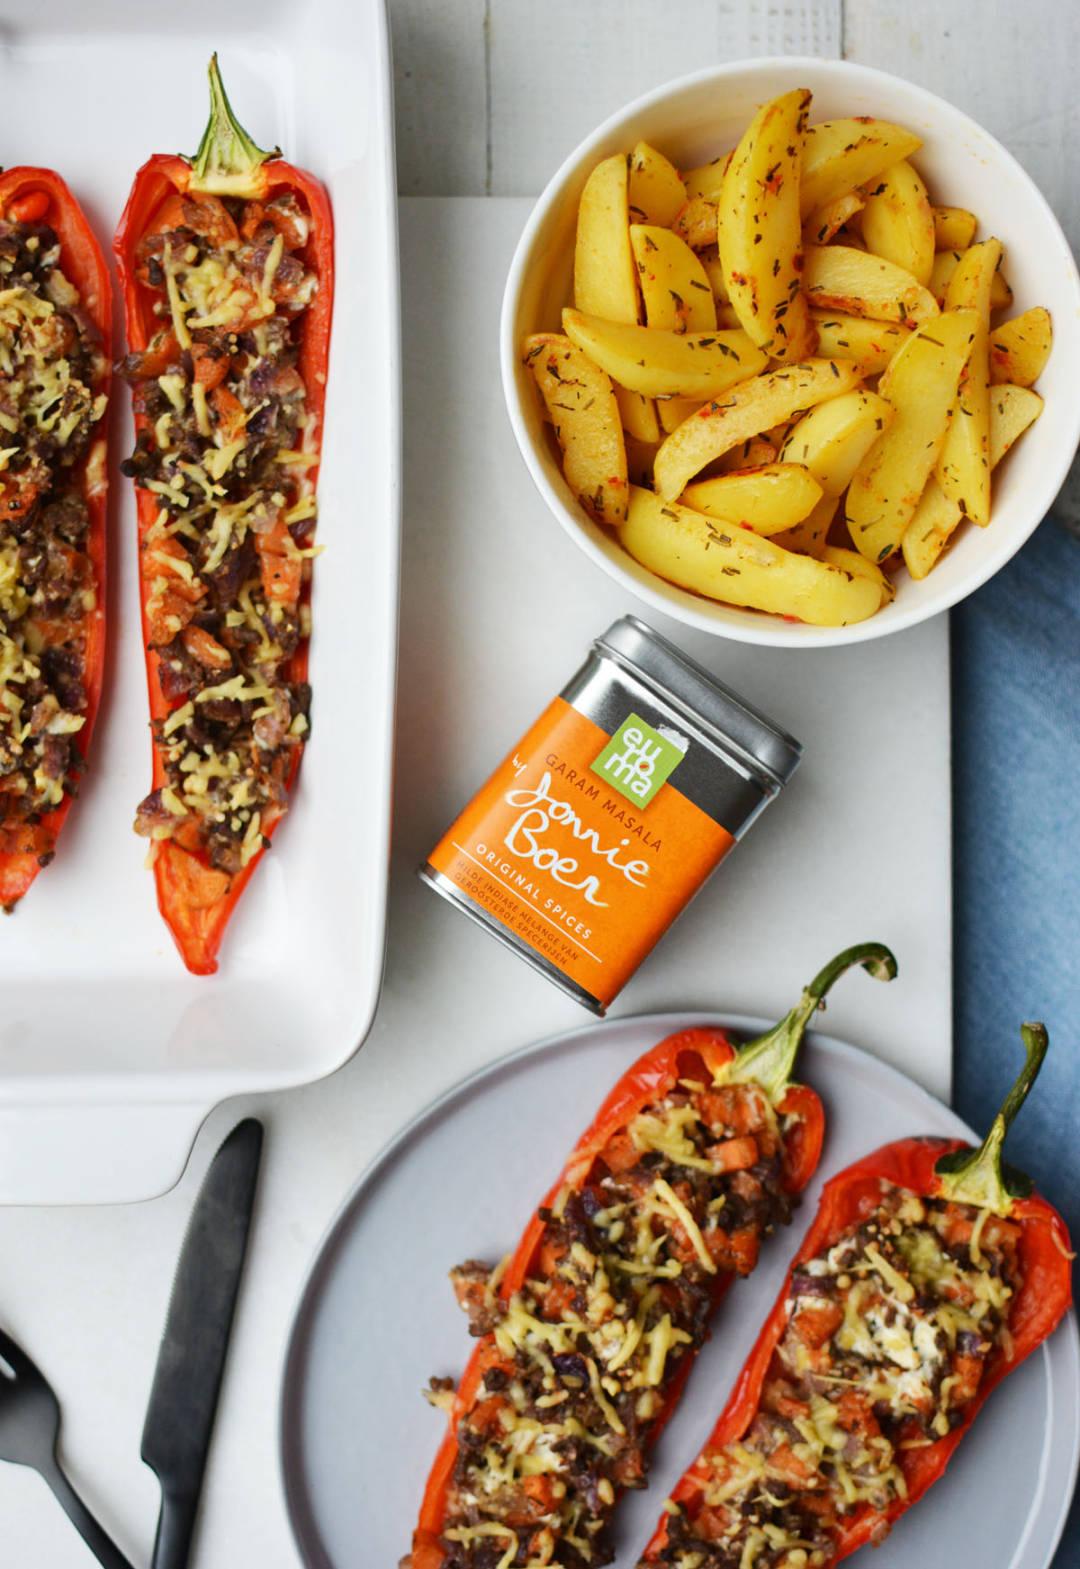 zoete paprika gevuld met gehakt